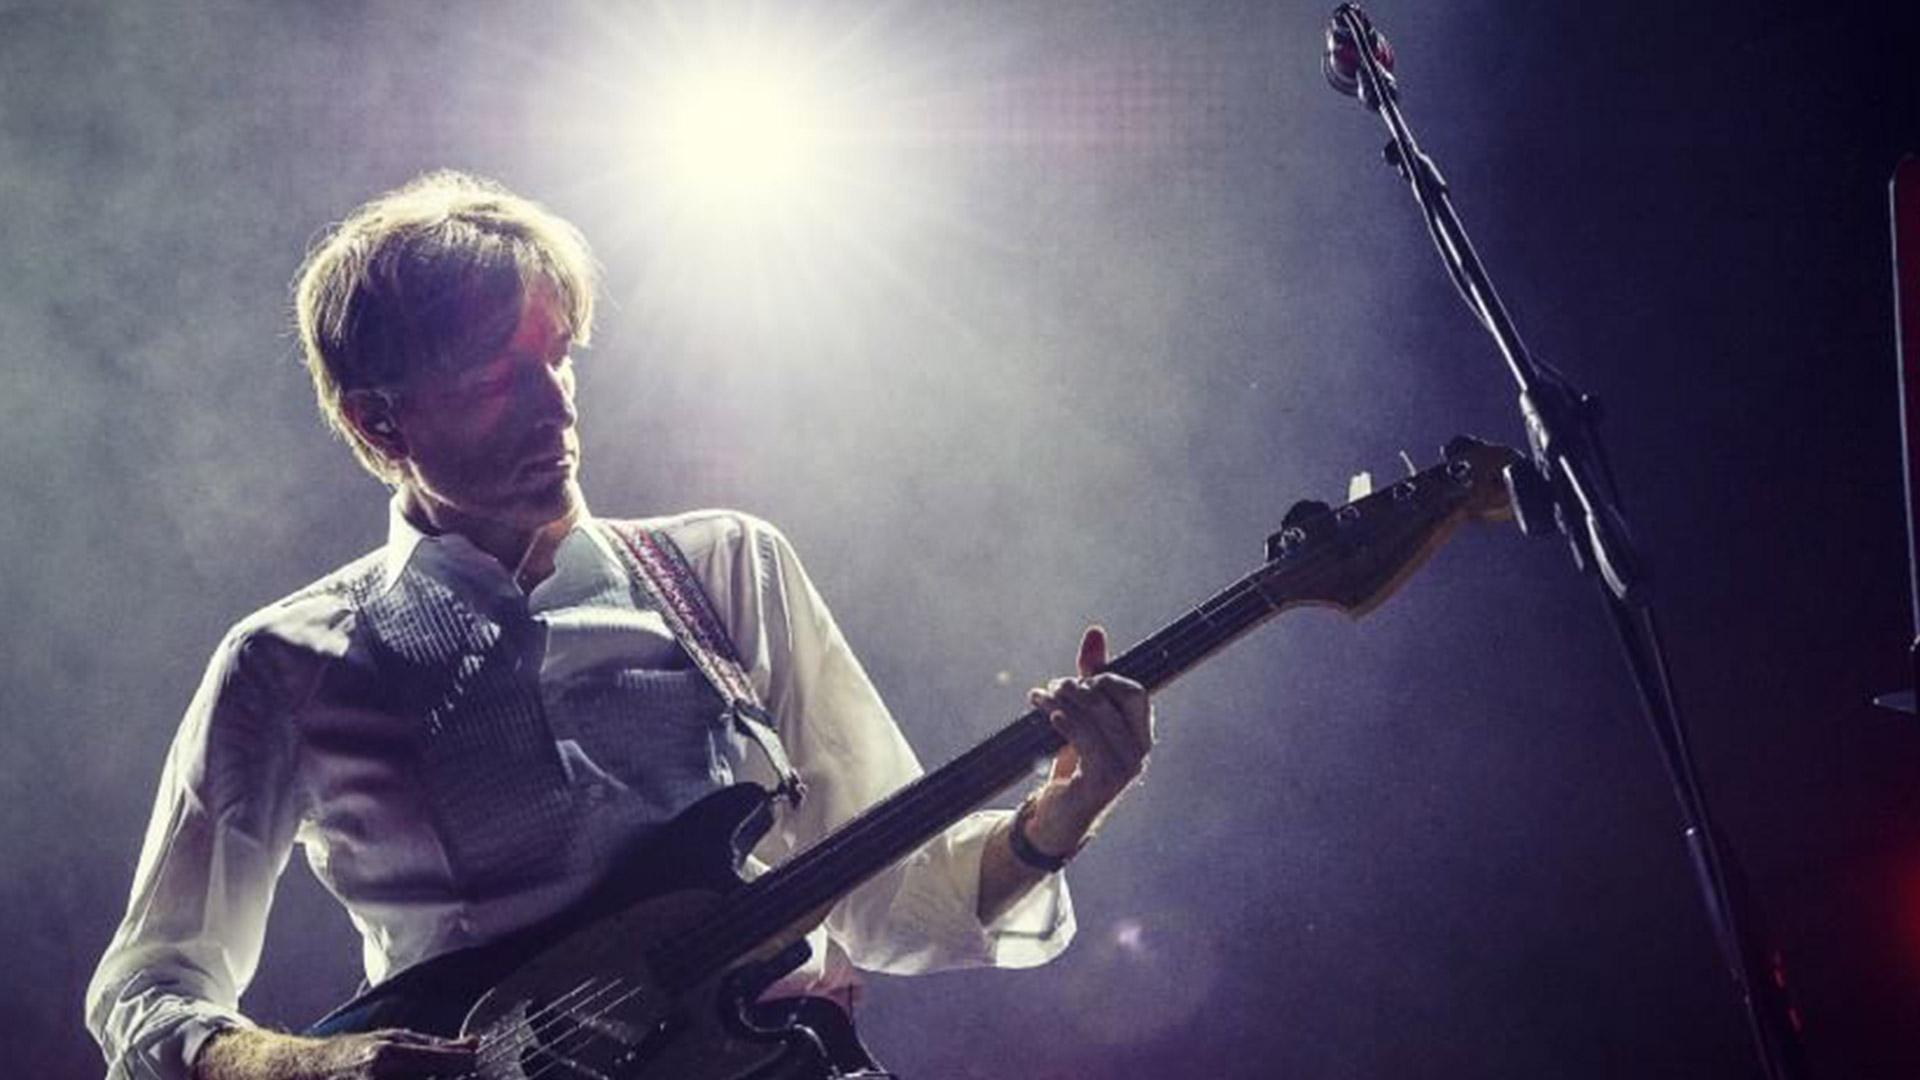 La Francia in Scena 2015 | NICOLAS GODIN (AIR) at Festa della Musica | LPM 2015 > 2018